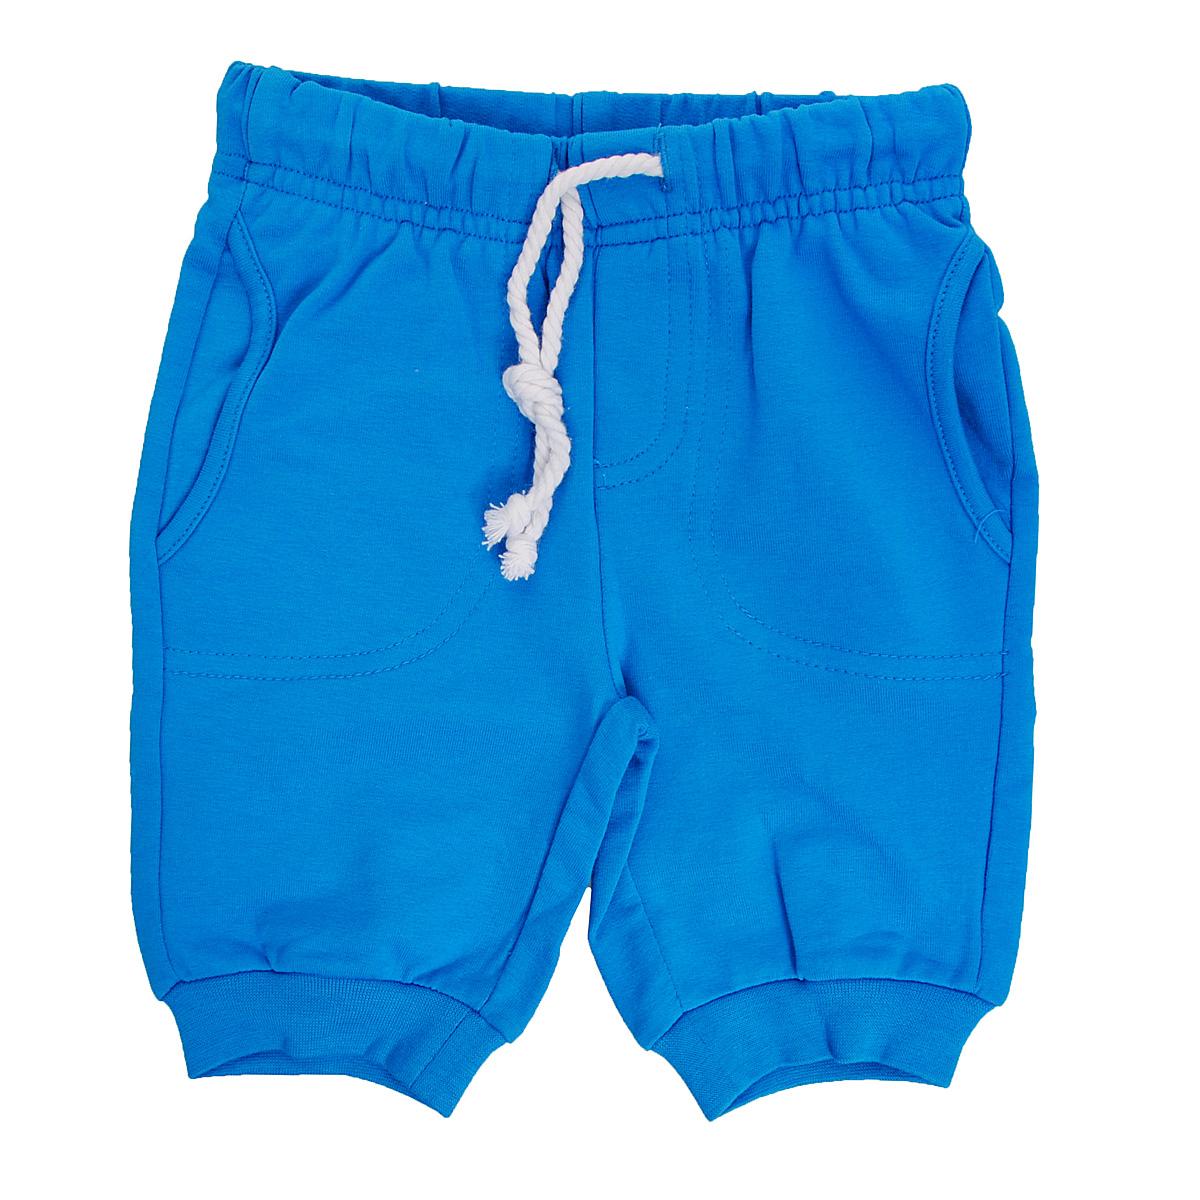 147077Яркие брюки для мальчика PlayToday Baby идеально подойдут вашему малышу и станут отличным дополнением к детскому гардеробу. Изготовленные из эластичного хлопка, они необычайно мягкие и приятные на ощупь, не сковывают движения малыша и позволяют коже дышать, не раздражают нежную кожу ребенка, обеспечивая ему наибольший комфорт. Укороченные брюки на талии имеют широкую эластичную резинку, благодаря чему они не сдавливают животик ребенка и не сползают. Также имеется имитация ширинки. Спереди модель дополнена двумя втачными кармашками. Снизу брючины дополнены широкими трикотажными манжетами. В таких брюках ваш маленький мужчина будет чувствовать себя комфортно, уютно и всегда будет в центре внимания!